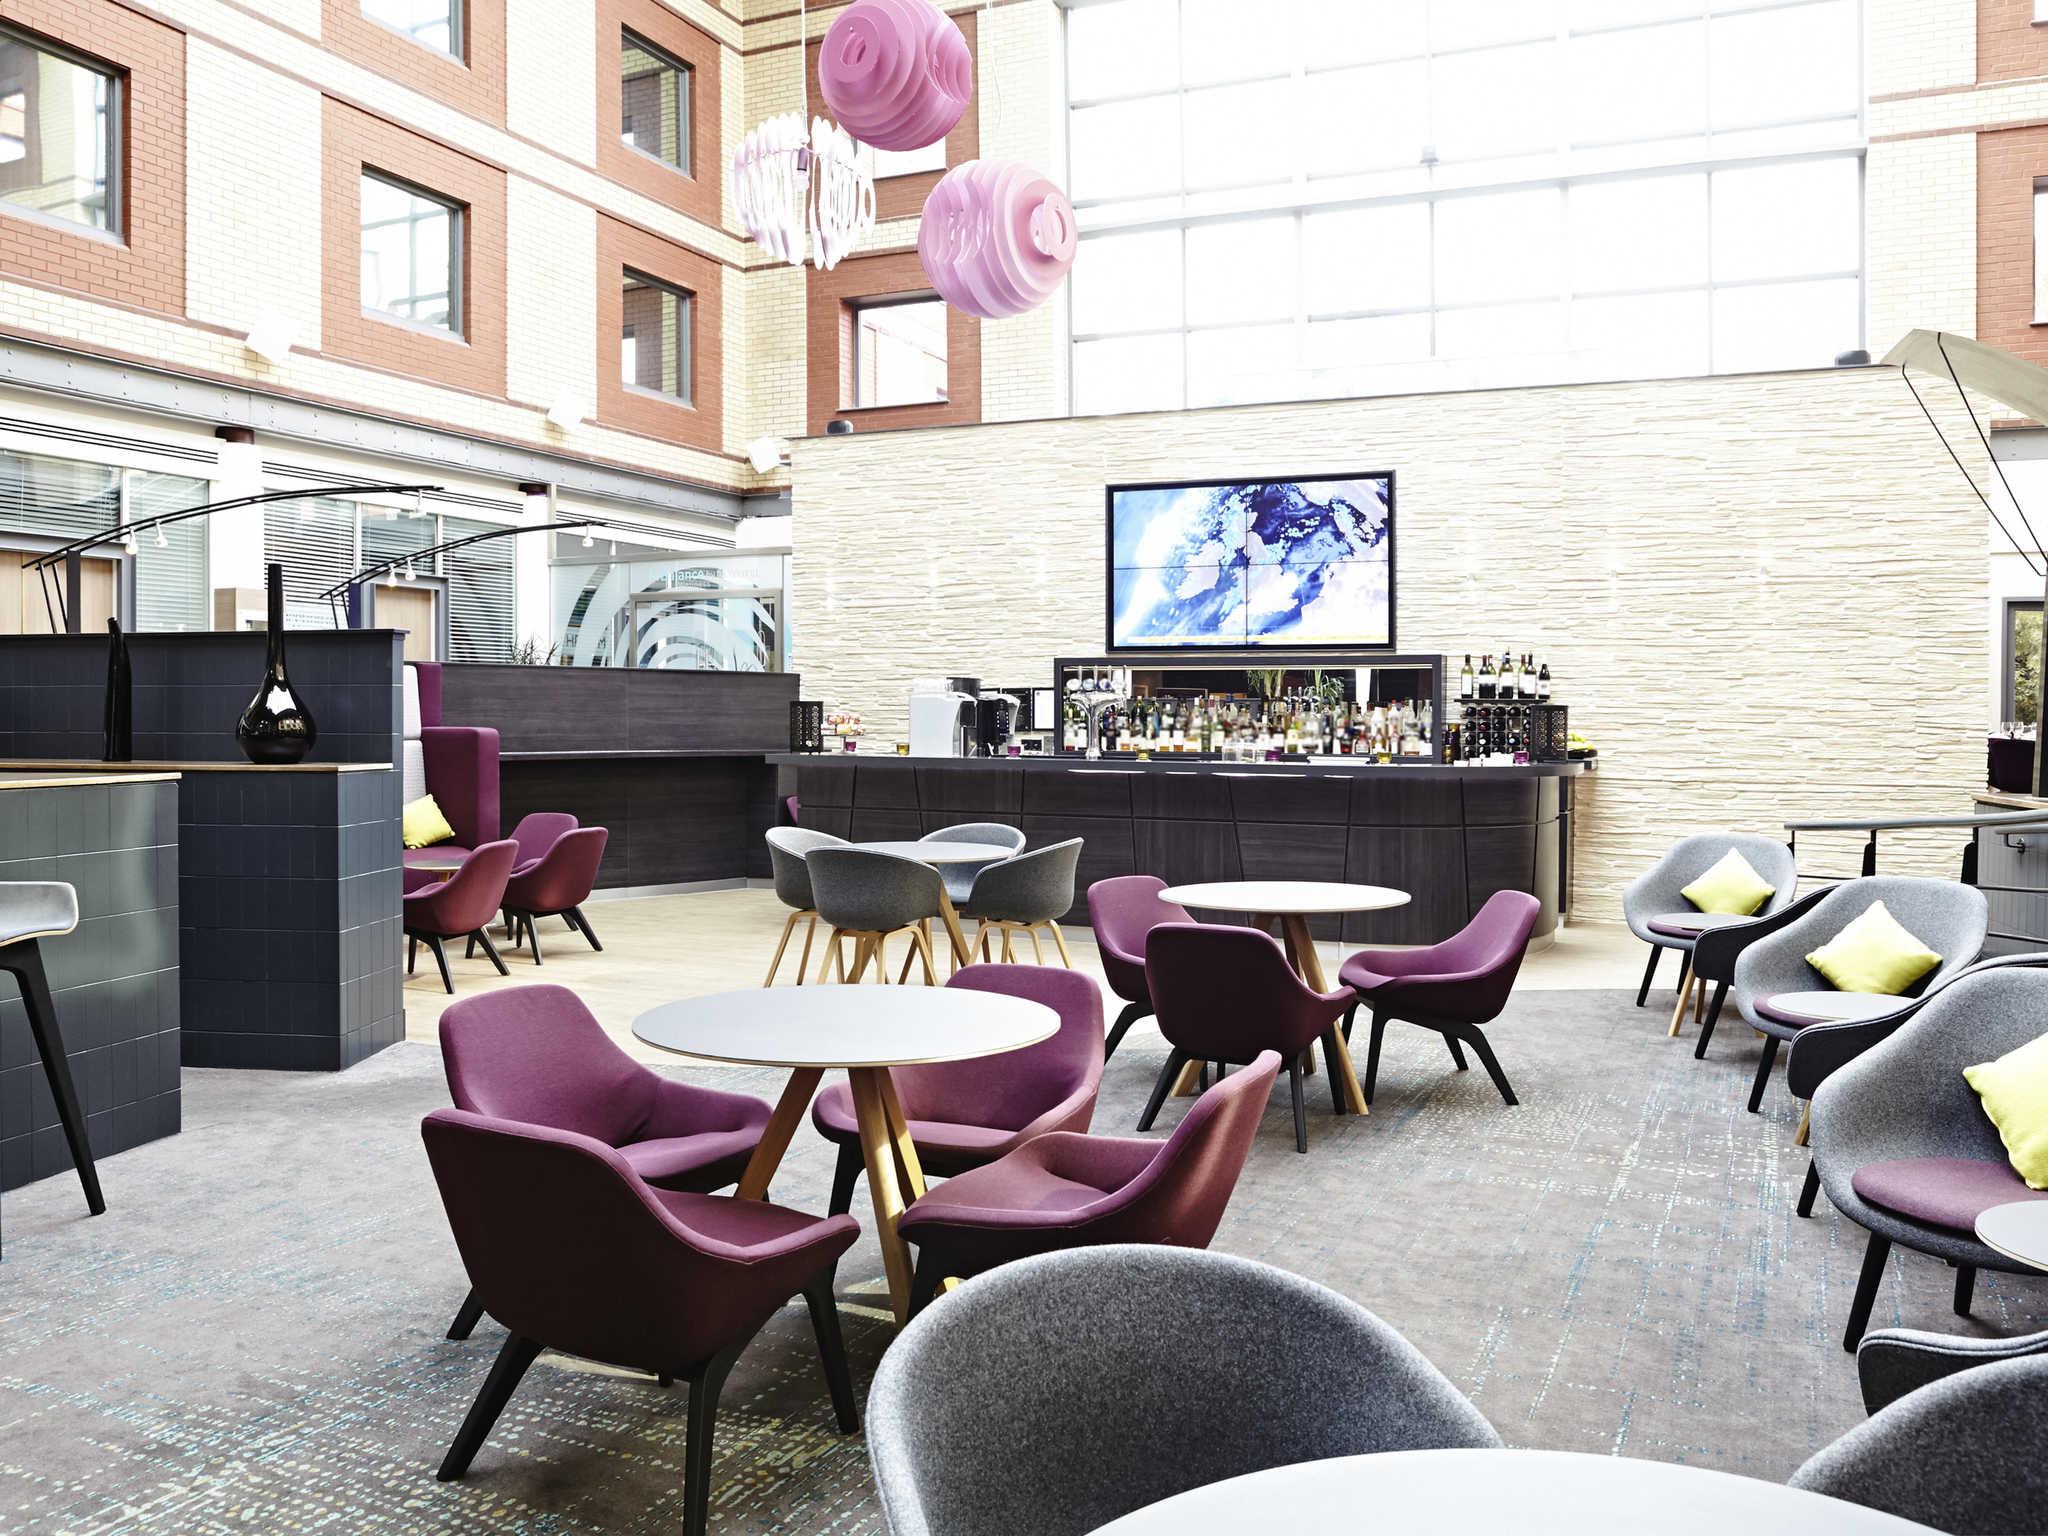 โรงแรม – Novotel London Heathrow Airport - M4 Jct 4